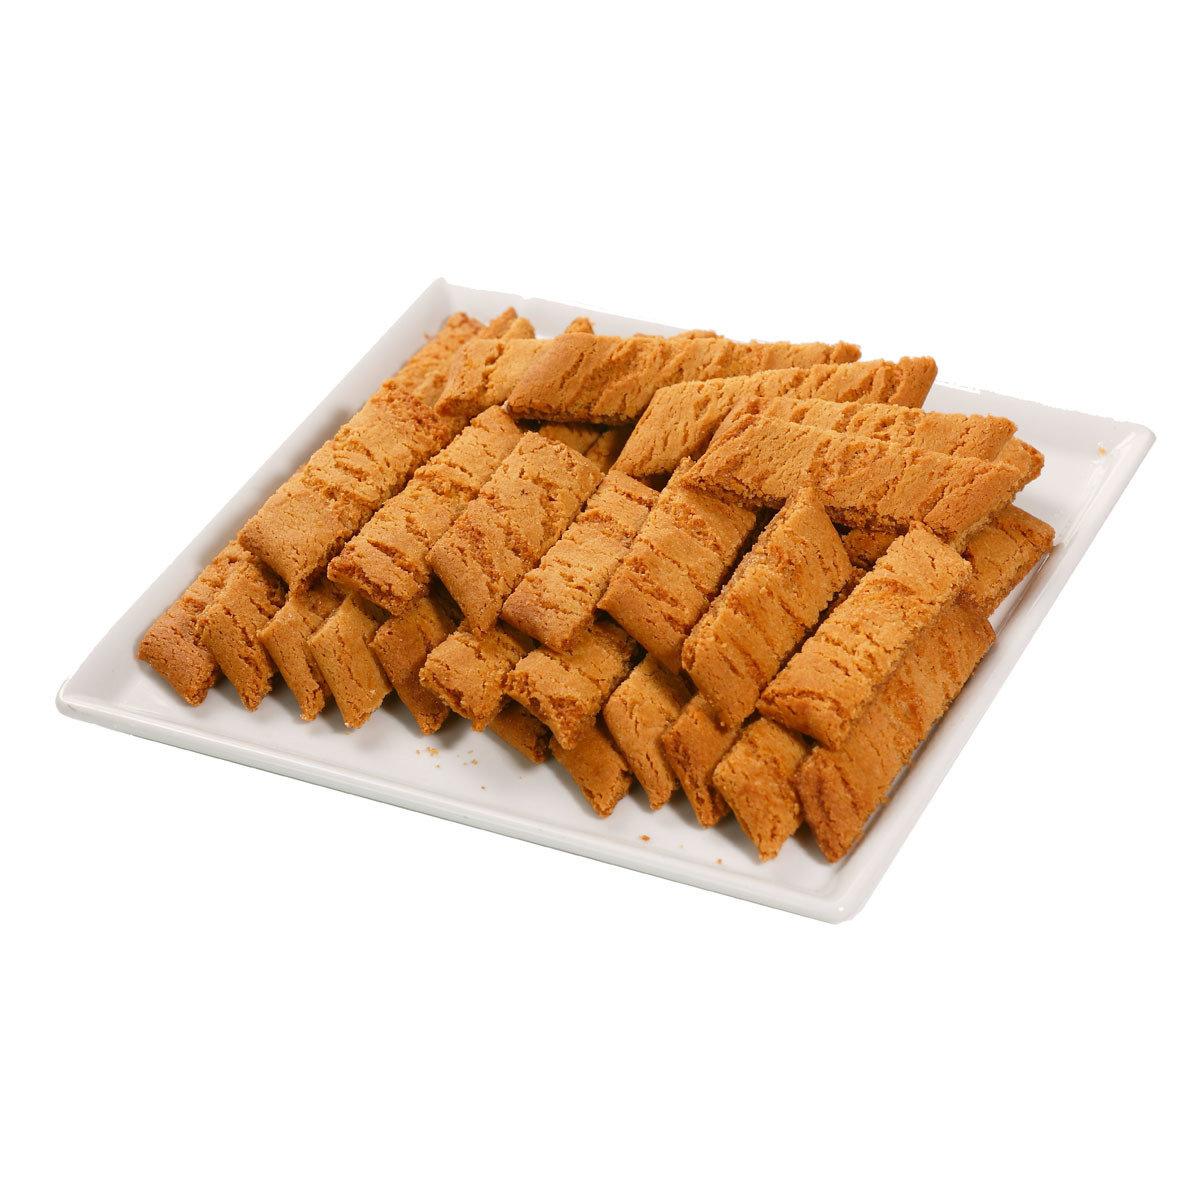 Maailman parhaat keksit (1 kg) bakery119